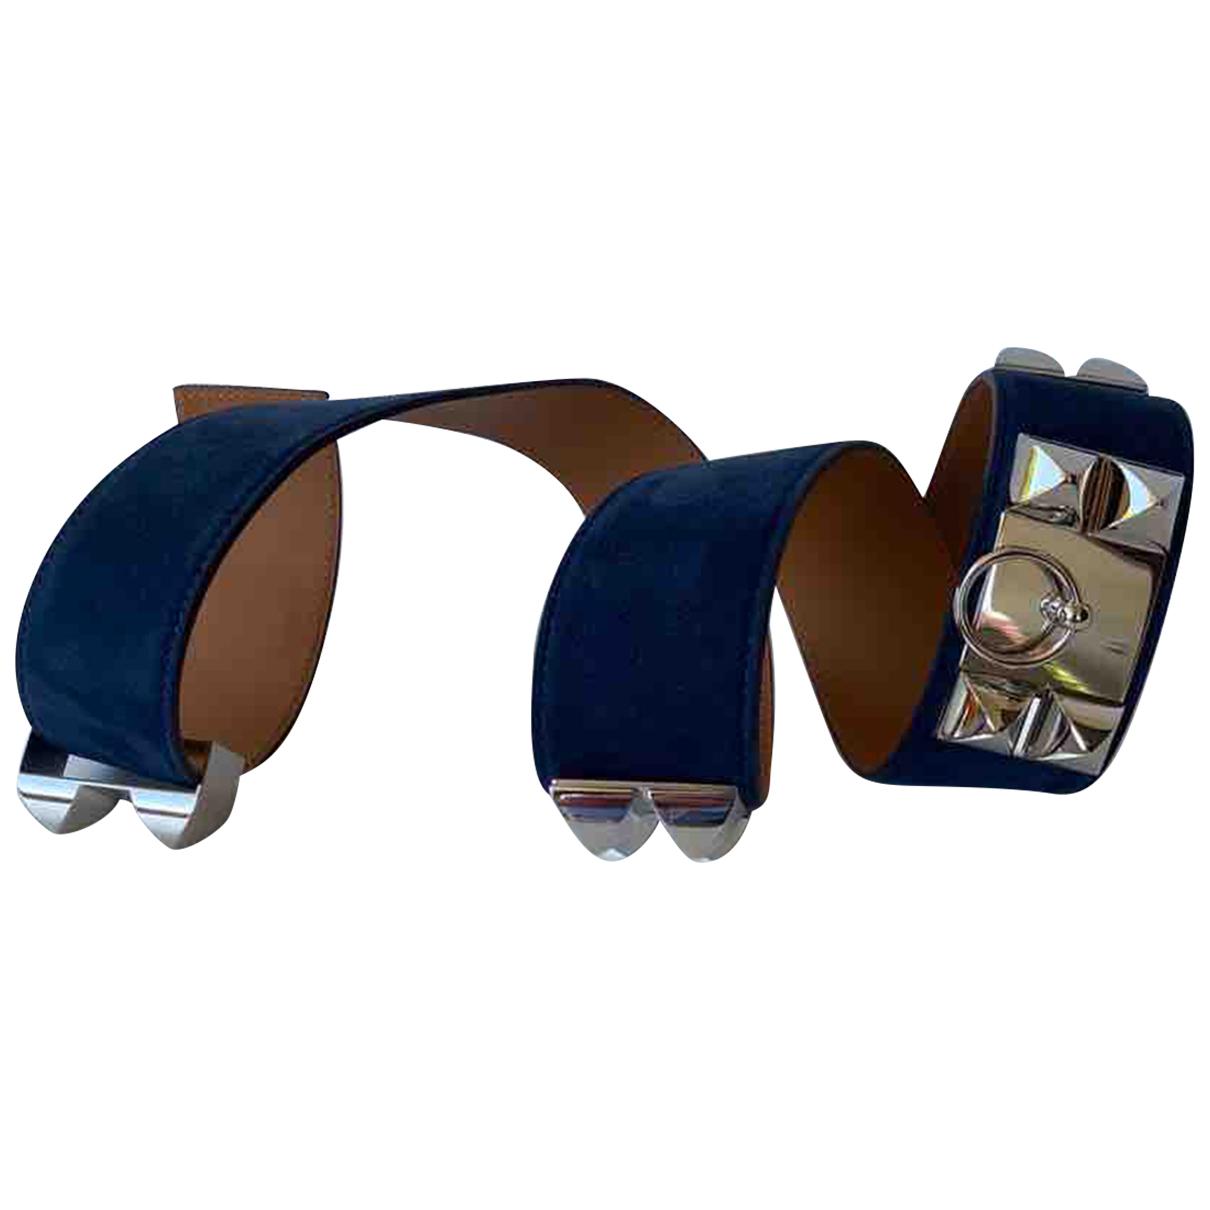 Hermes Collier de chien Guertel in  Blau Veloursleder